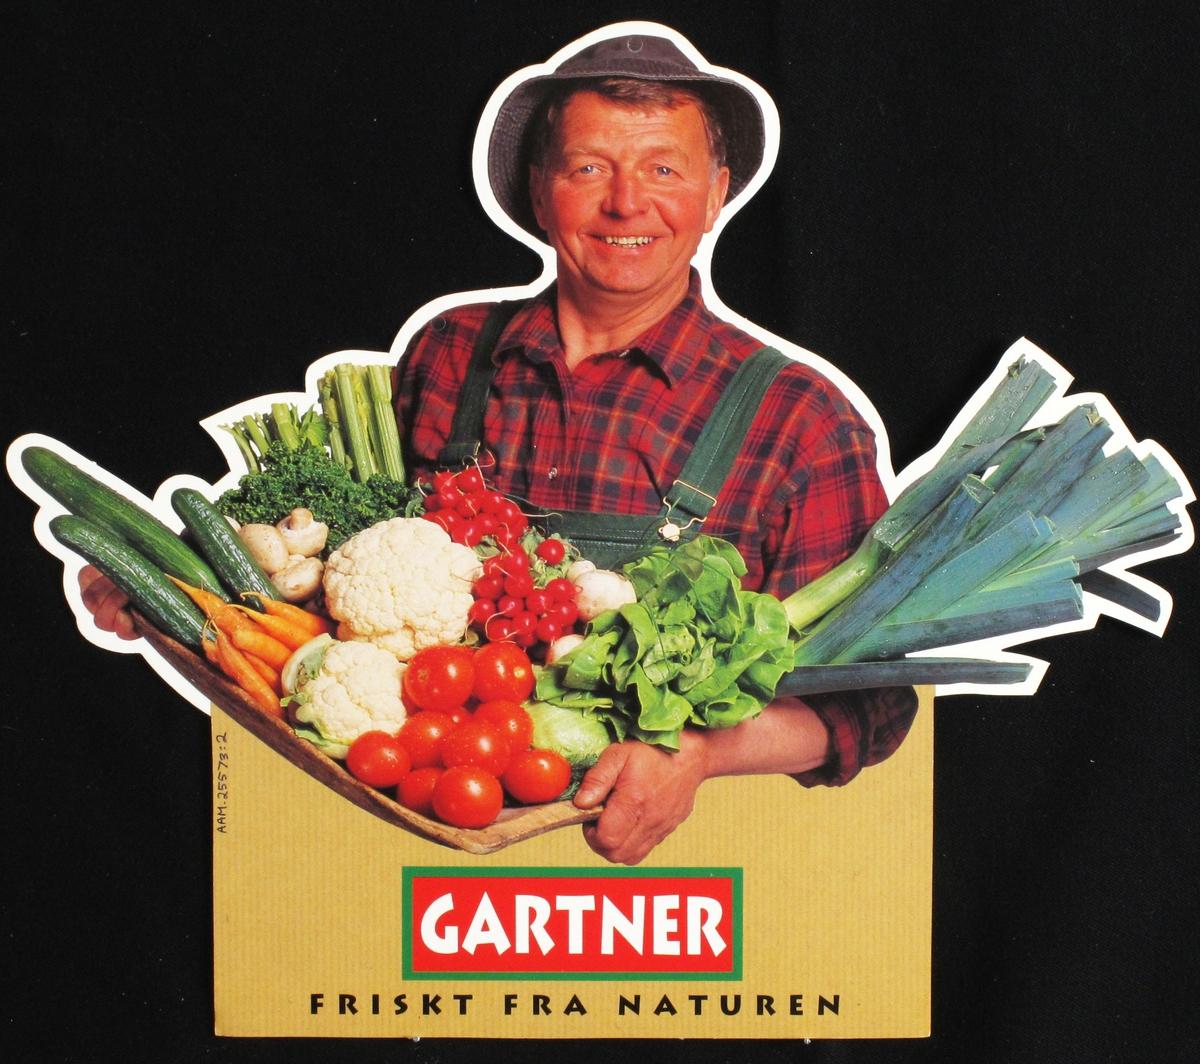 Gartneren med favnen full av grønnsaker: Tomater, blomkål,purre m